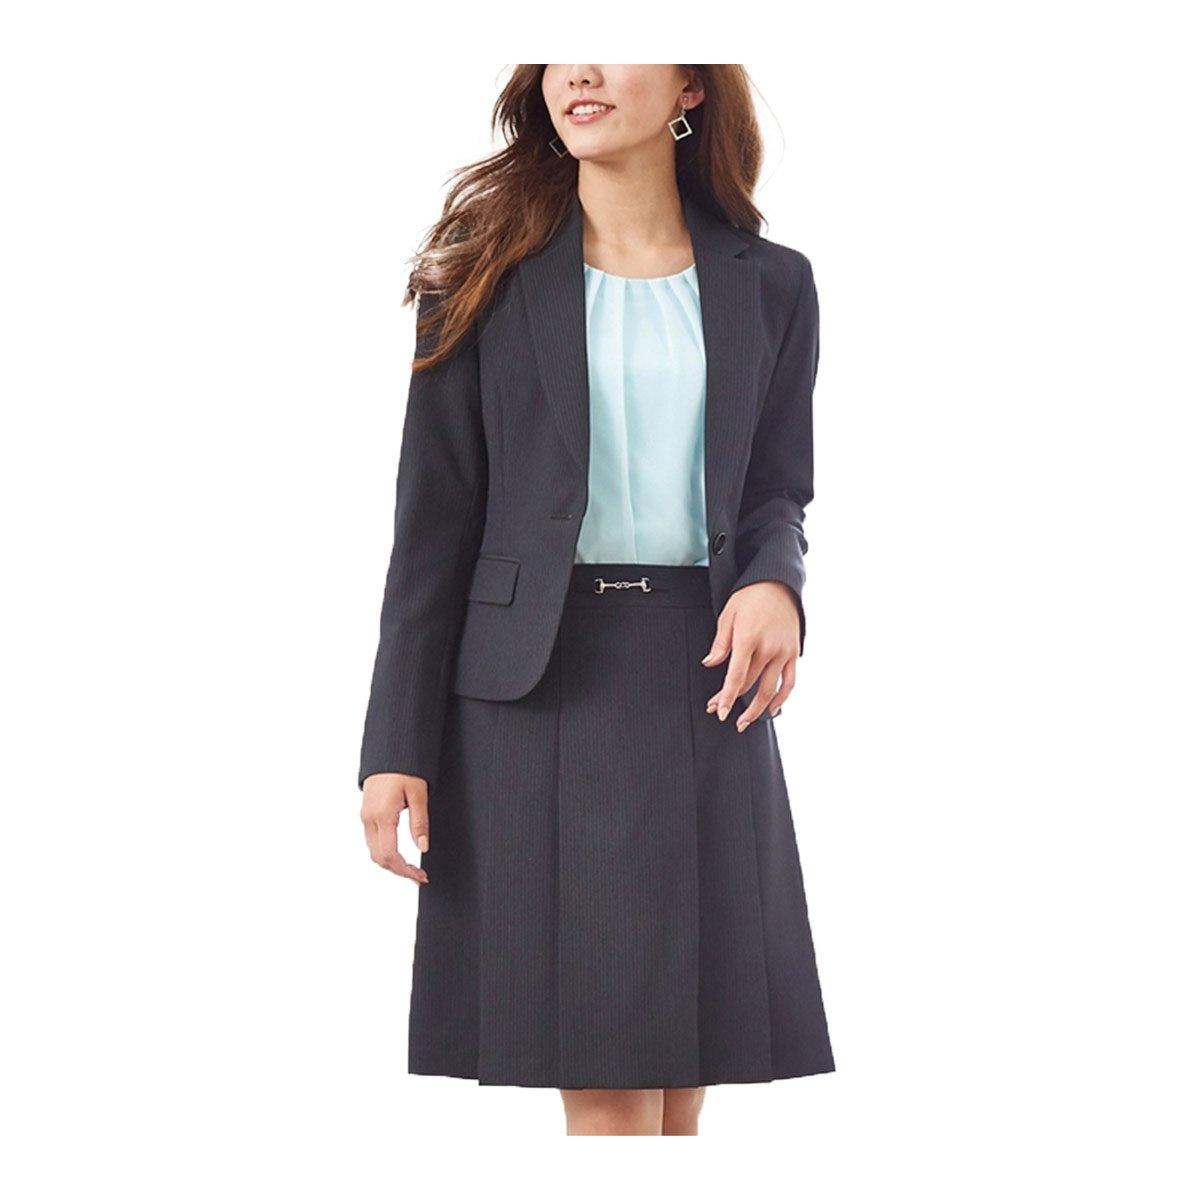 (ニッセン) nissen スーツ 上下 セットアップ ジャケット スカート 洗える オフィス ビジネス レディース B077TN9LMD 7号|黒 × ブルーストライプ 黒 × ブルーストライプ 7号